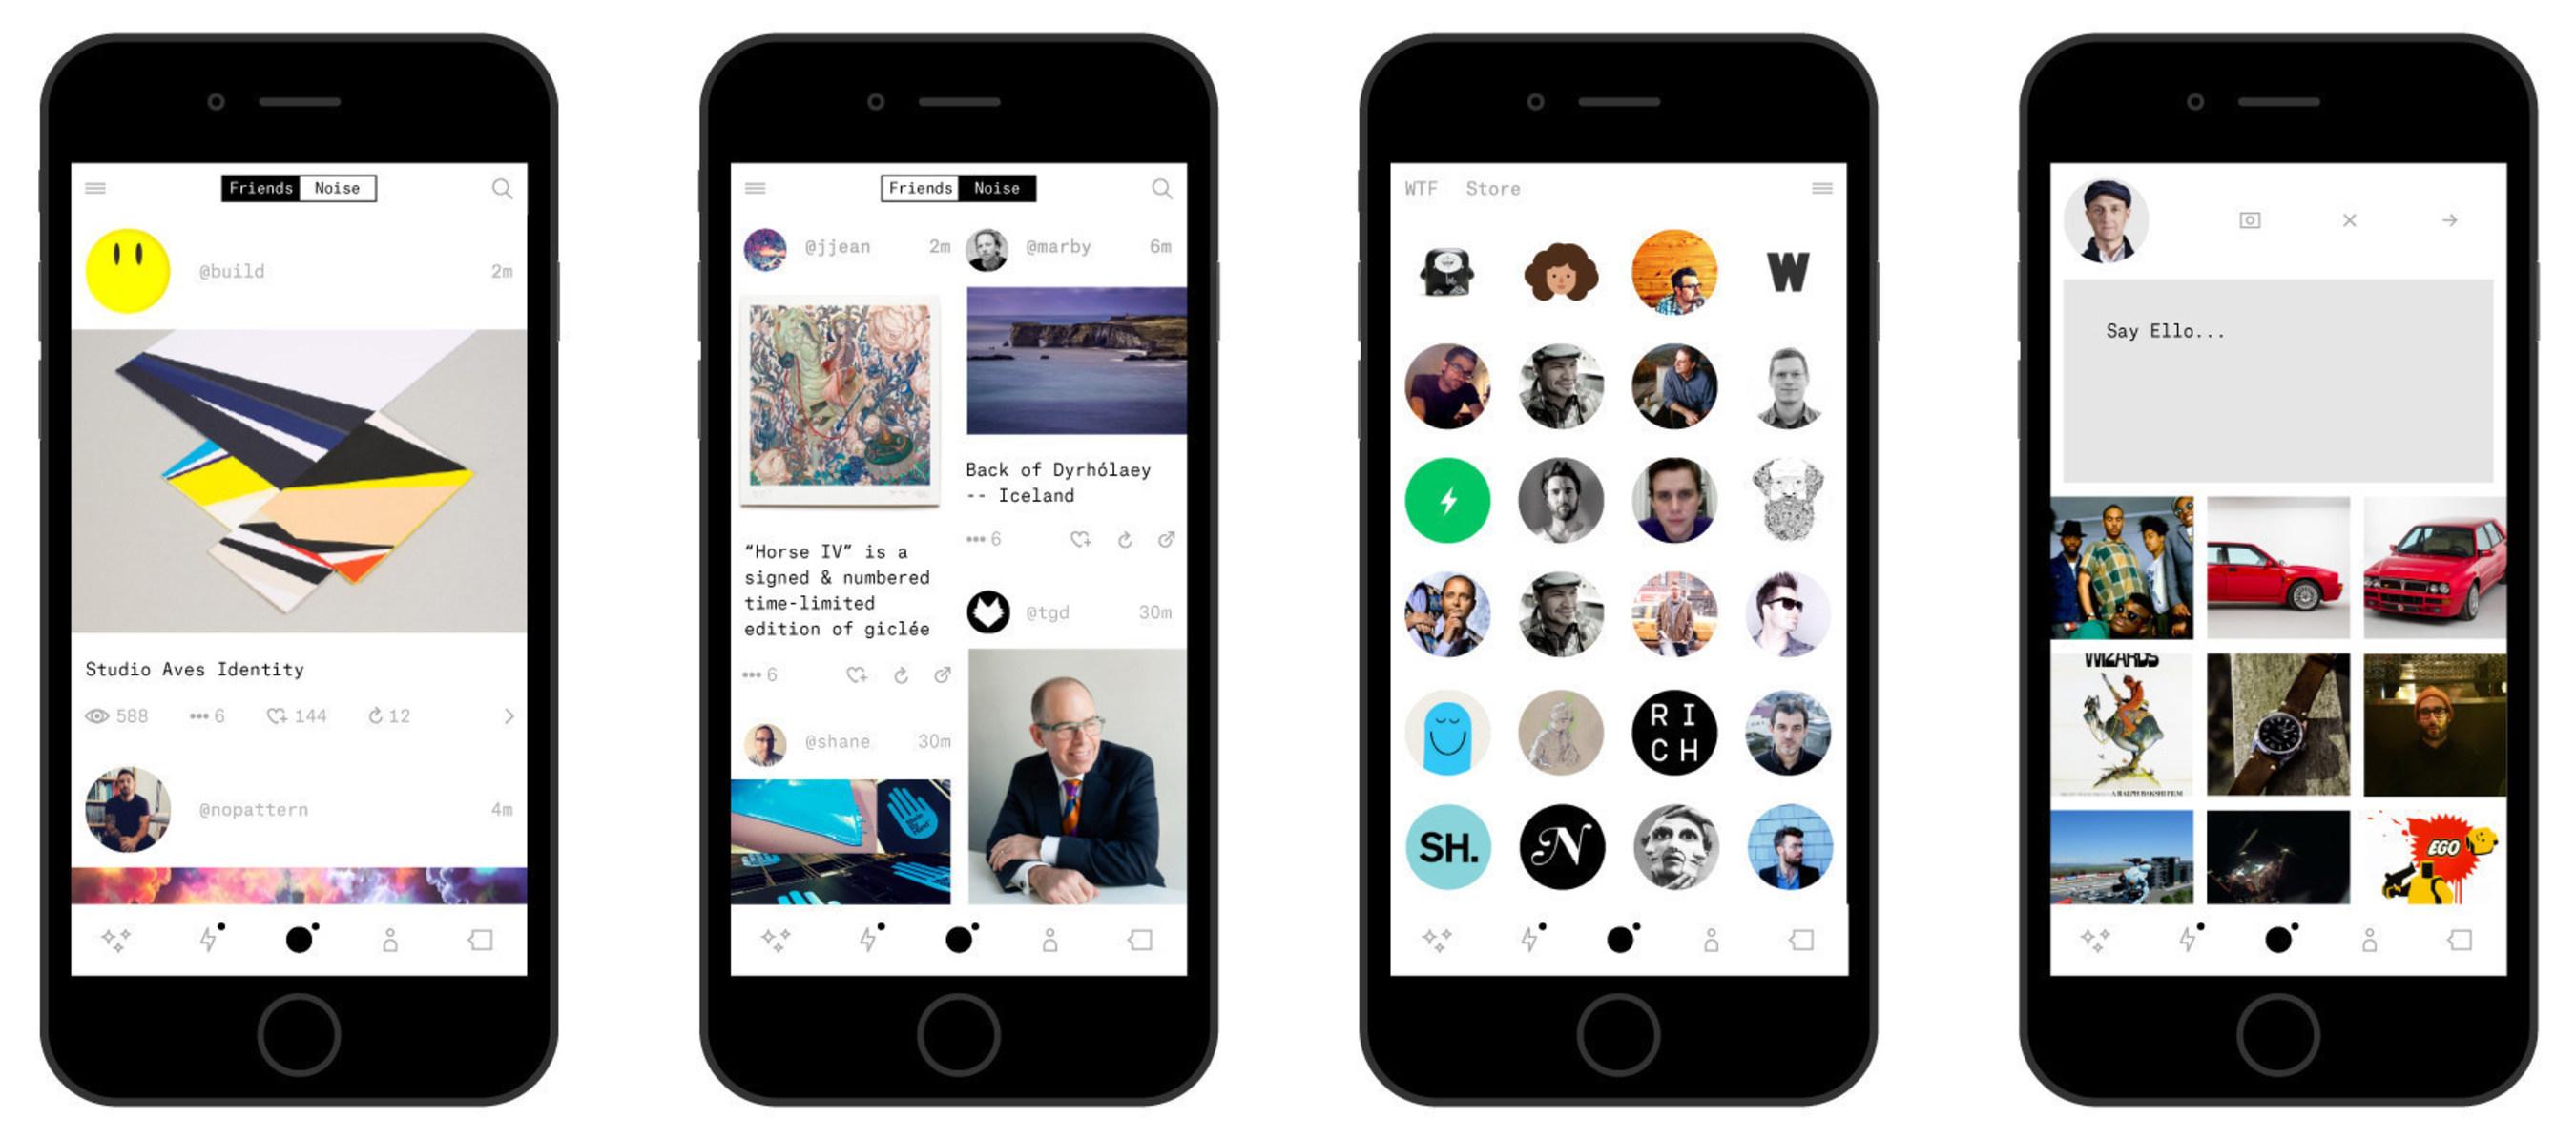 Ello.co - das revolutionäre Social Network - bringt Ello Beta V.2 auf den Markt - Es erzielt eine